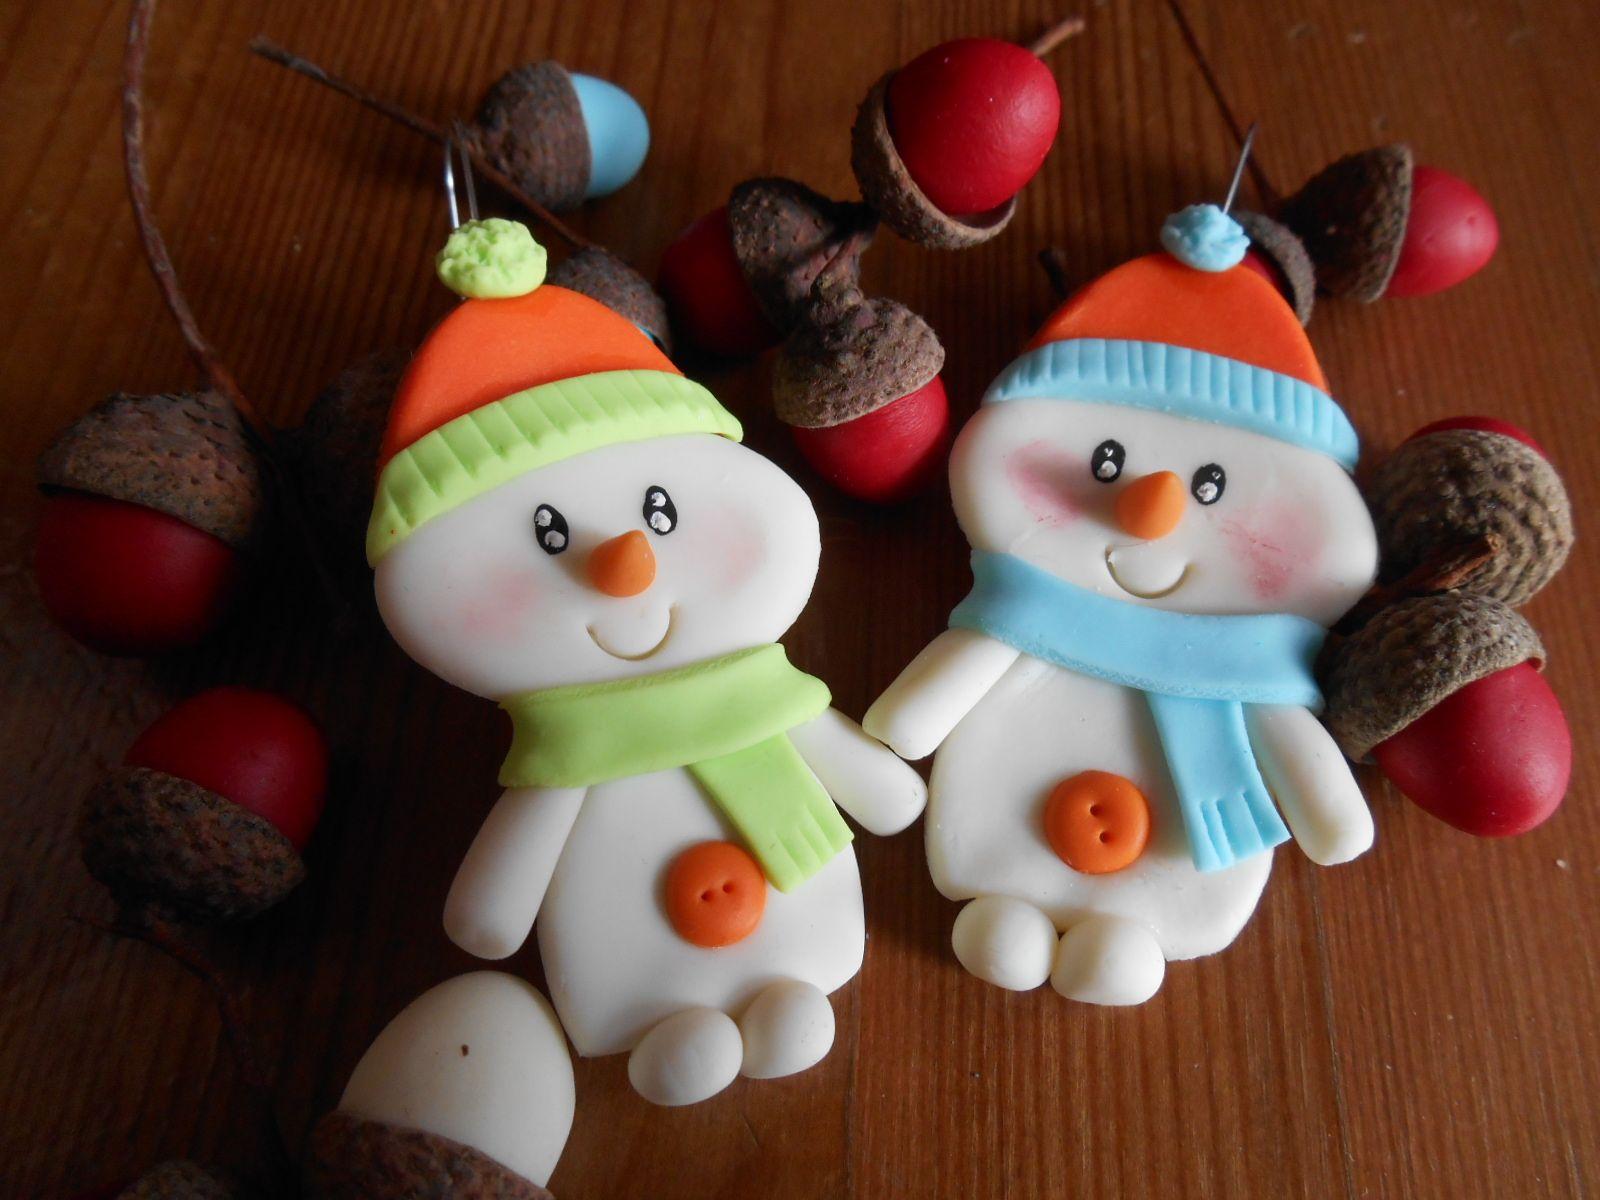 #AB3220 Bonhommes De Neige En Porcelaine Froide Idée Deco Noel  6375 decoration noel exterieur bonhomme de neige 1600x1200 px @ aertt.com